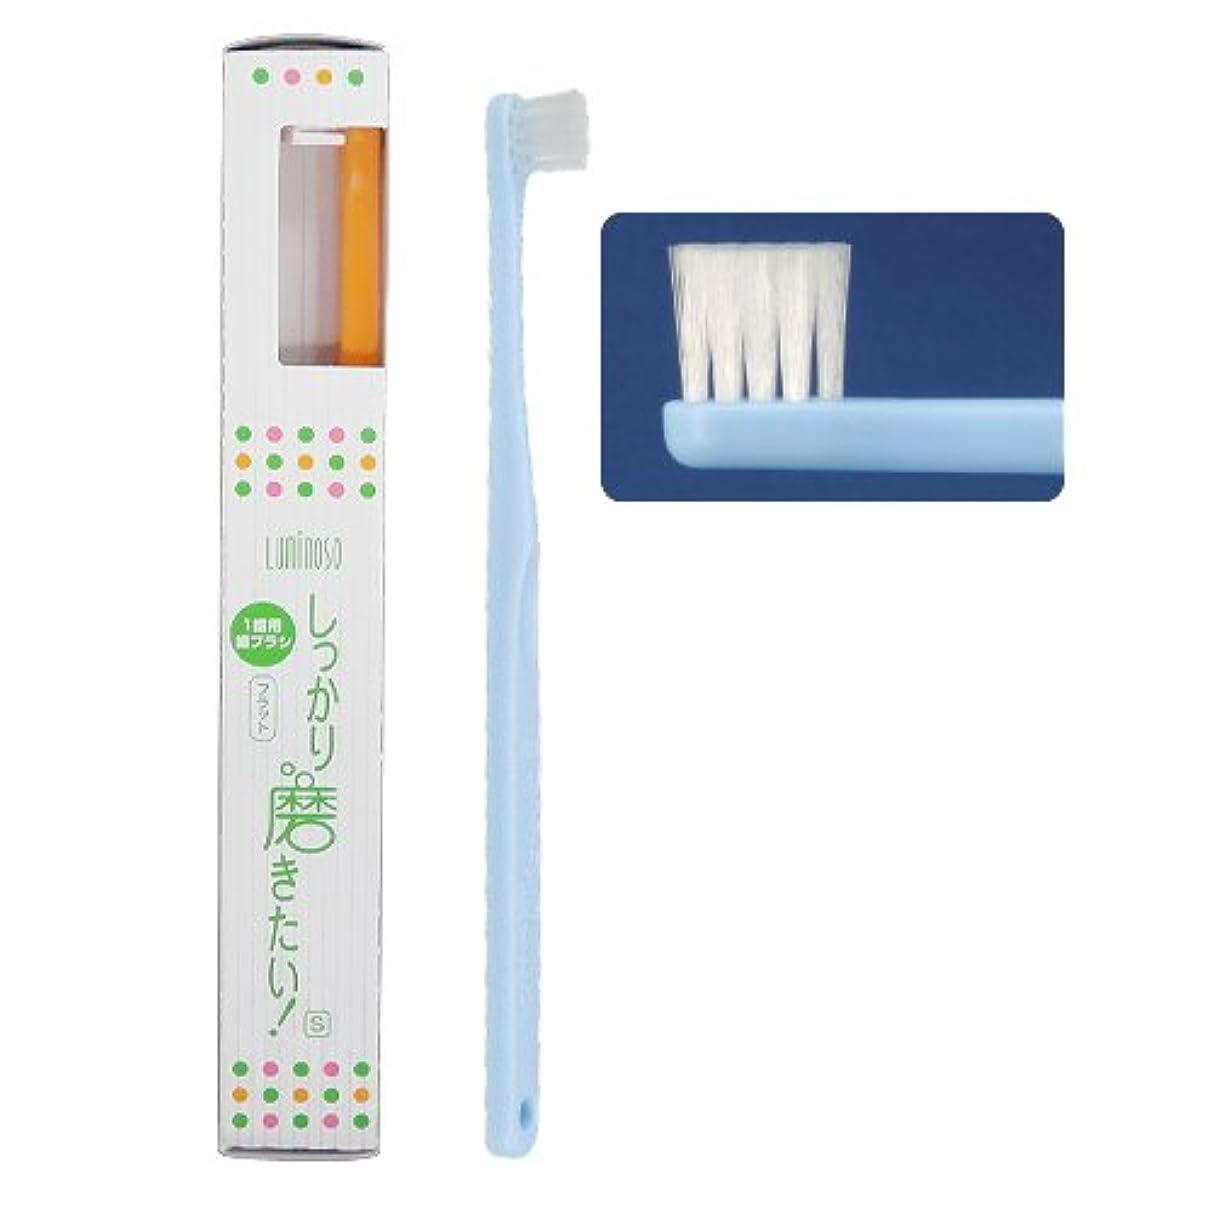 ギネス財産セントルミノソ 1歯用歯ブラシ 「しっかり磨きたい!」 フラット/ソフト